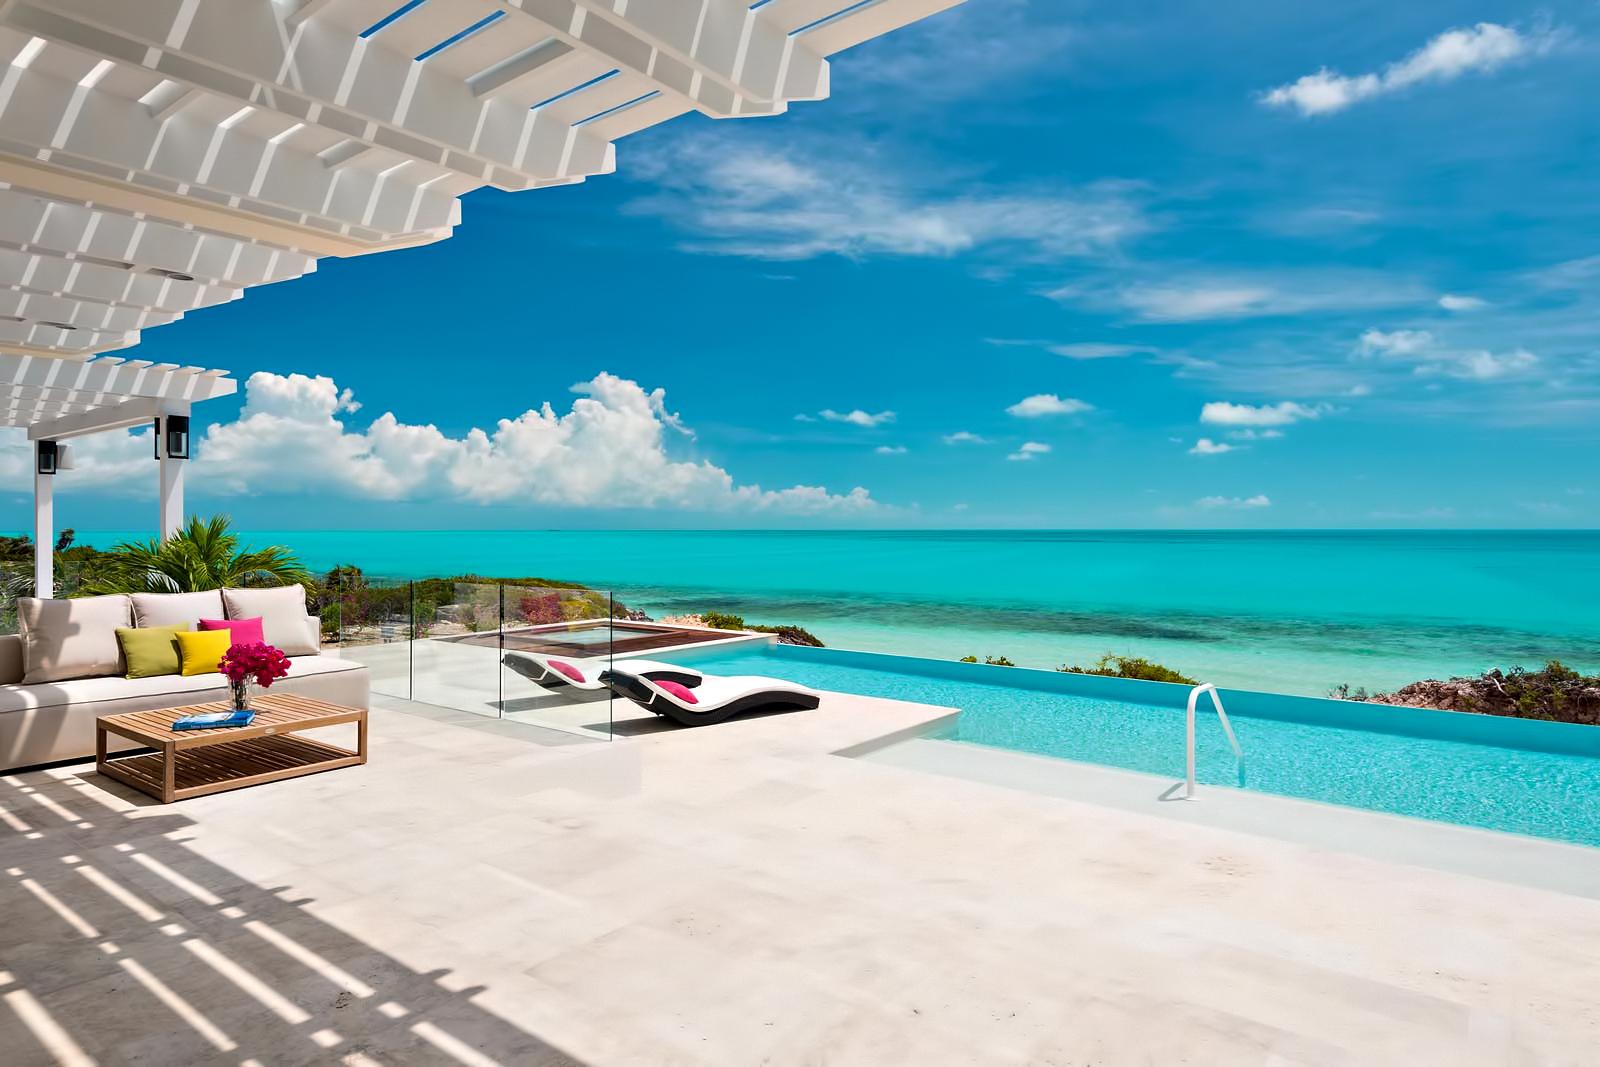 Luxury Villa Isla – Providenciales, Turks and Caicos Islands